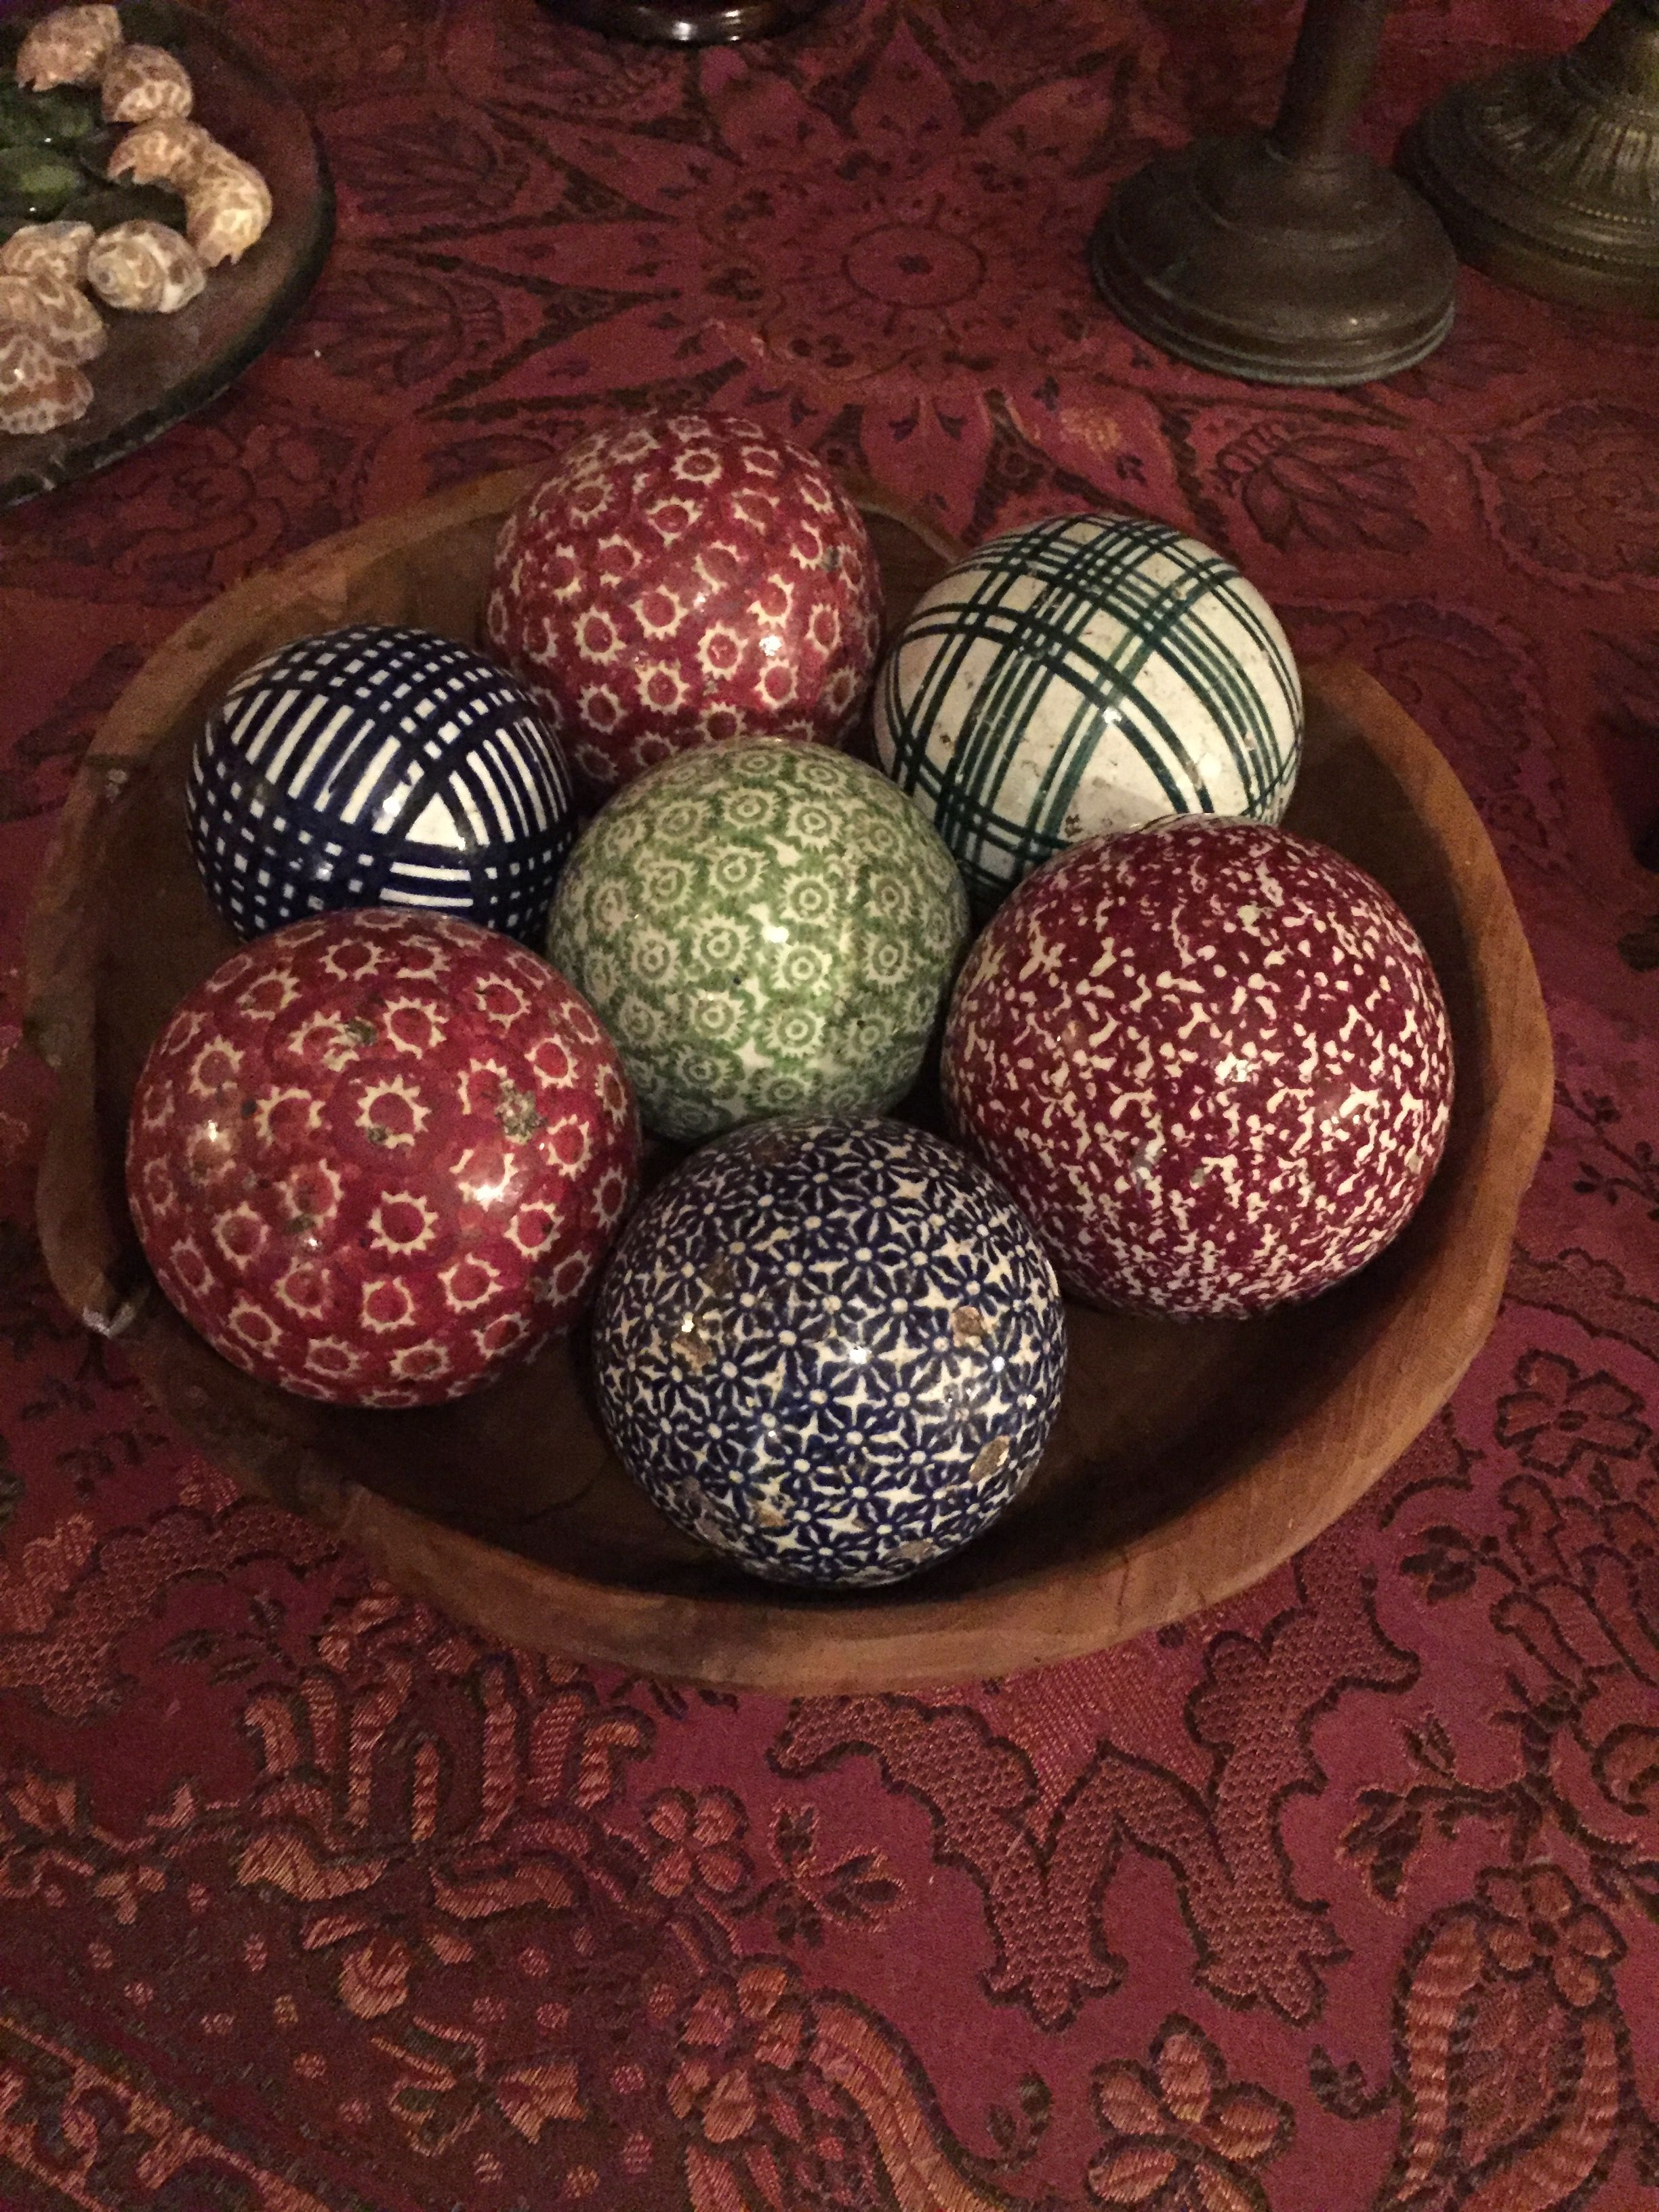 Antique Scottish Carpet Balls Spongeware Pottery In 2019 Carpet